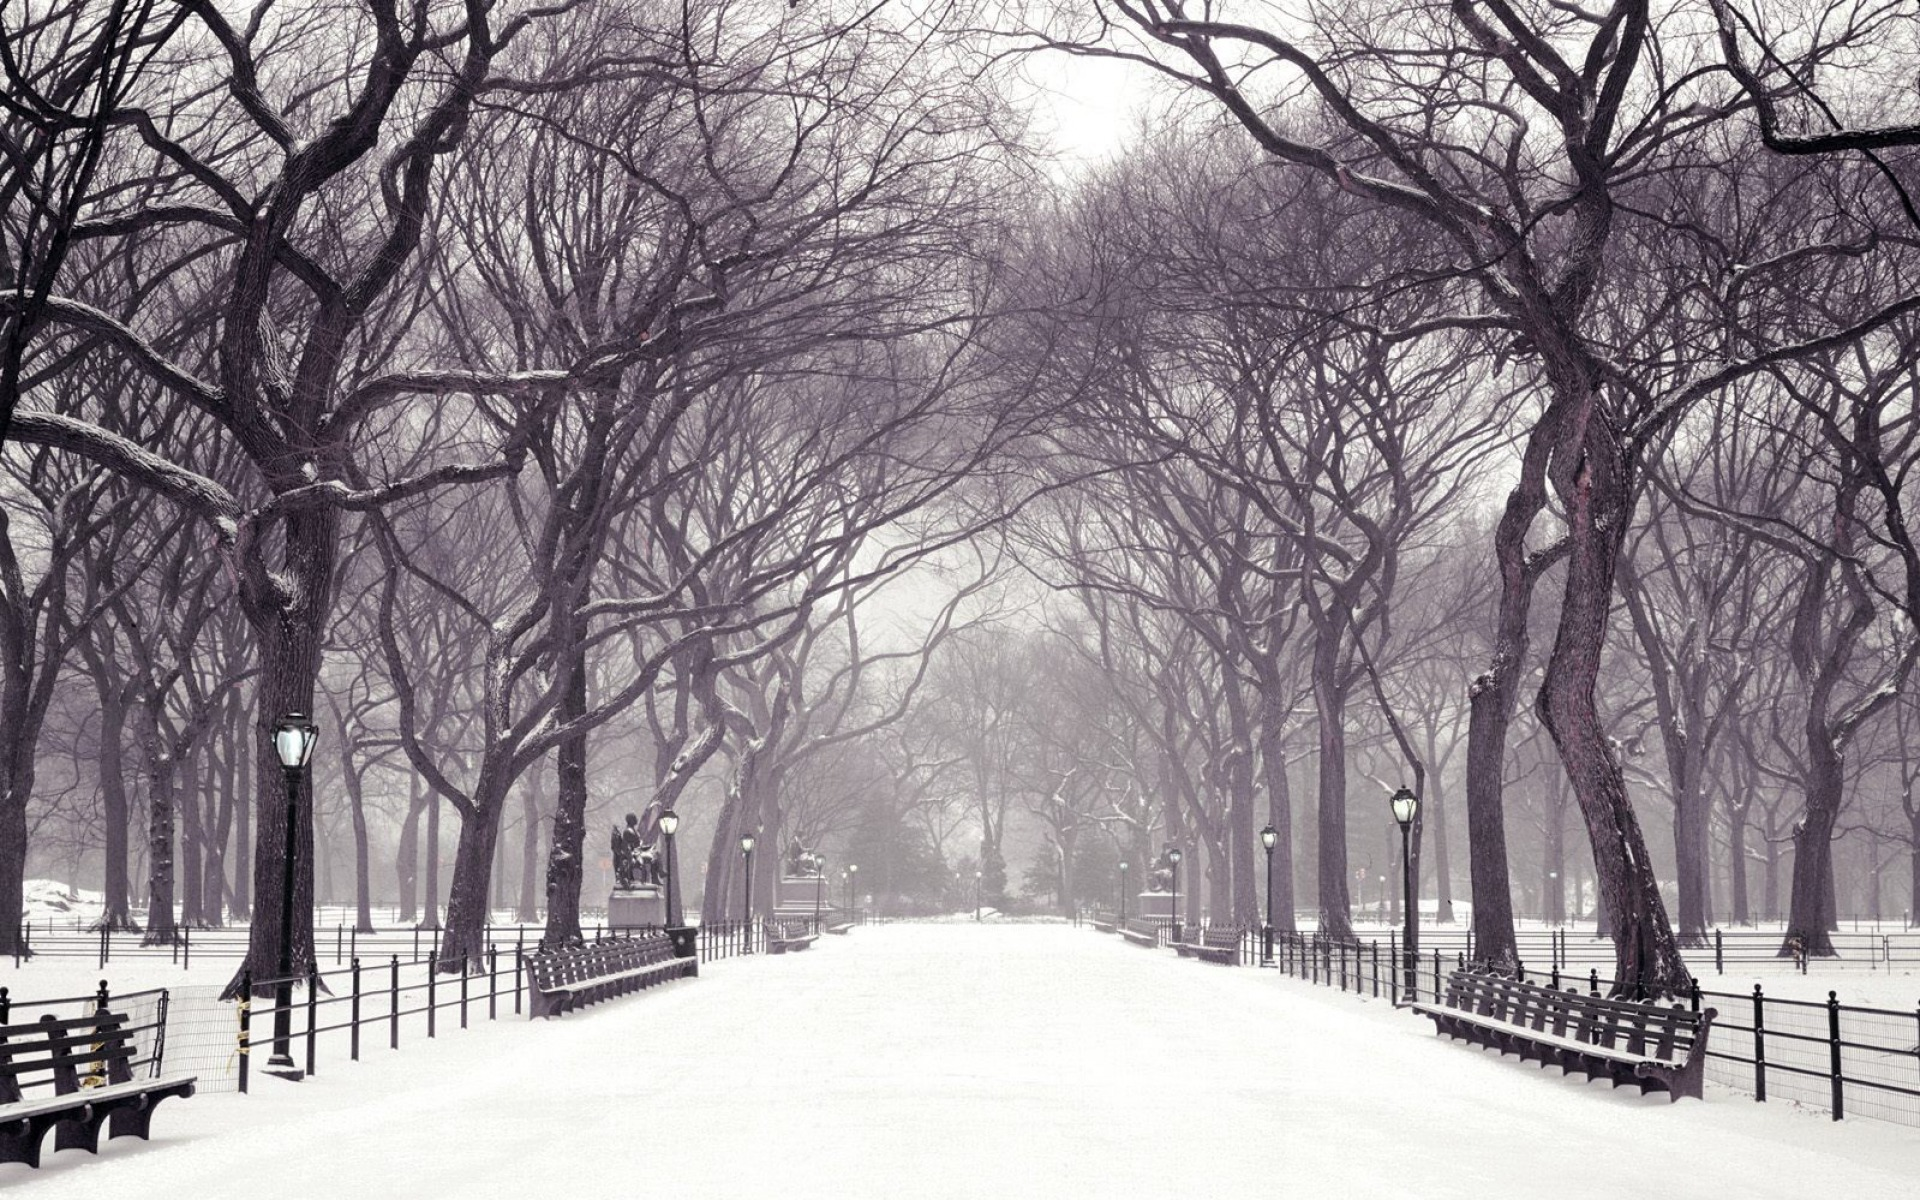 Central Park New York In The Winter desktop wallpaper WallpaperPixel 1920x1200